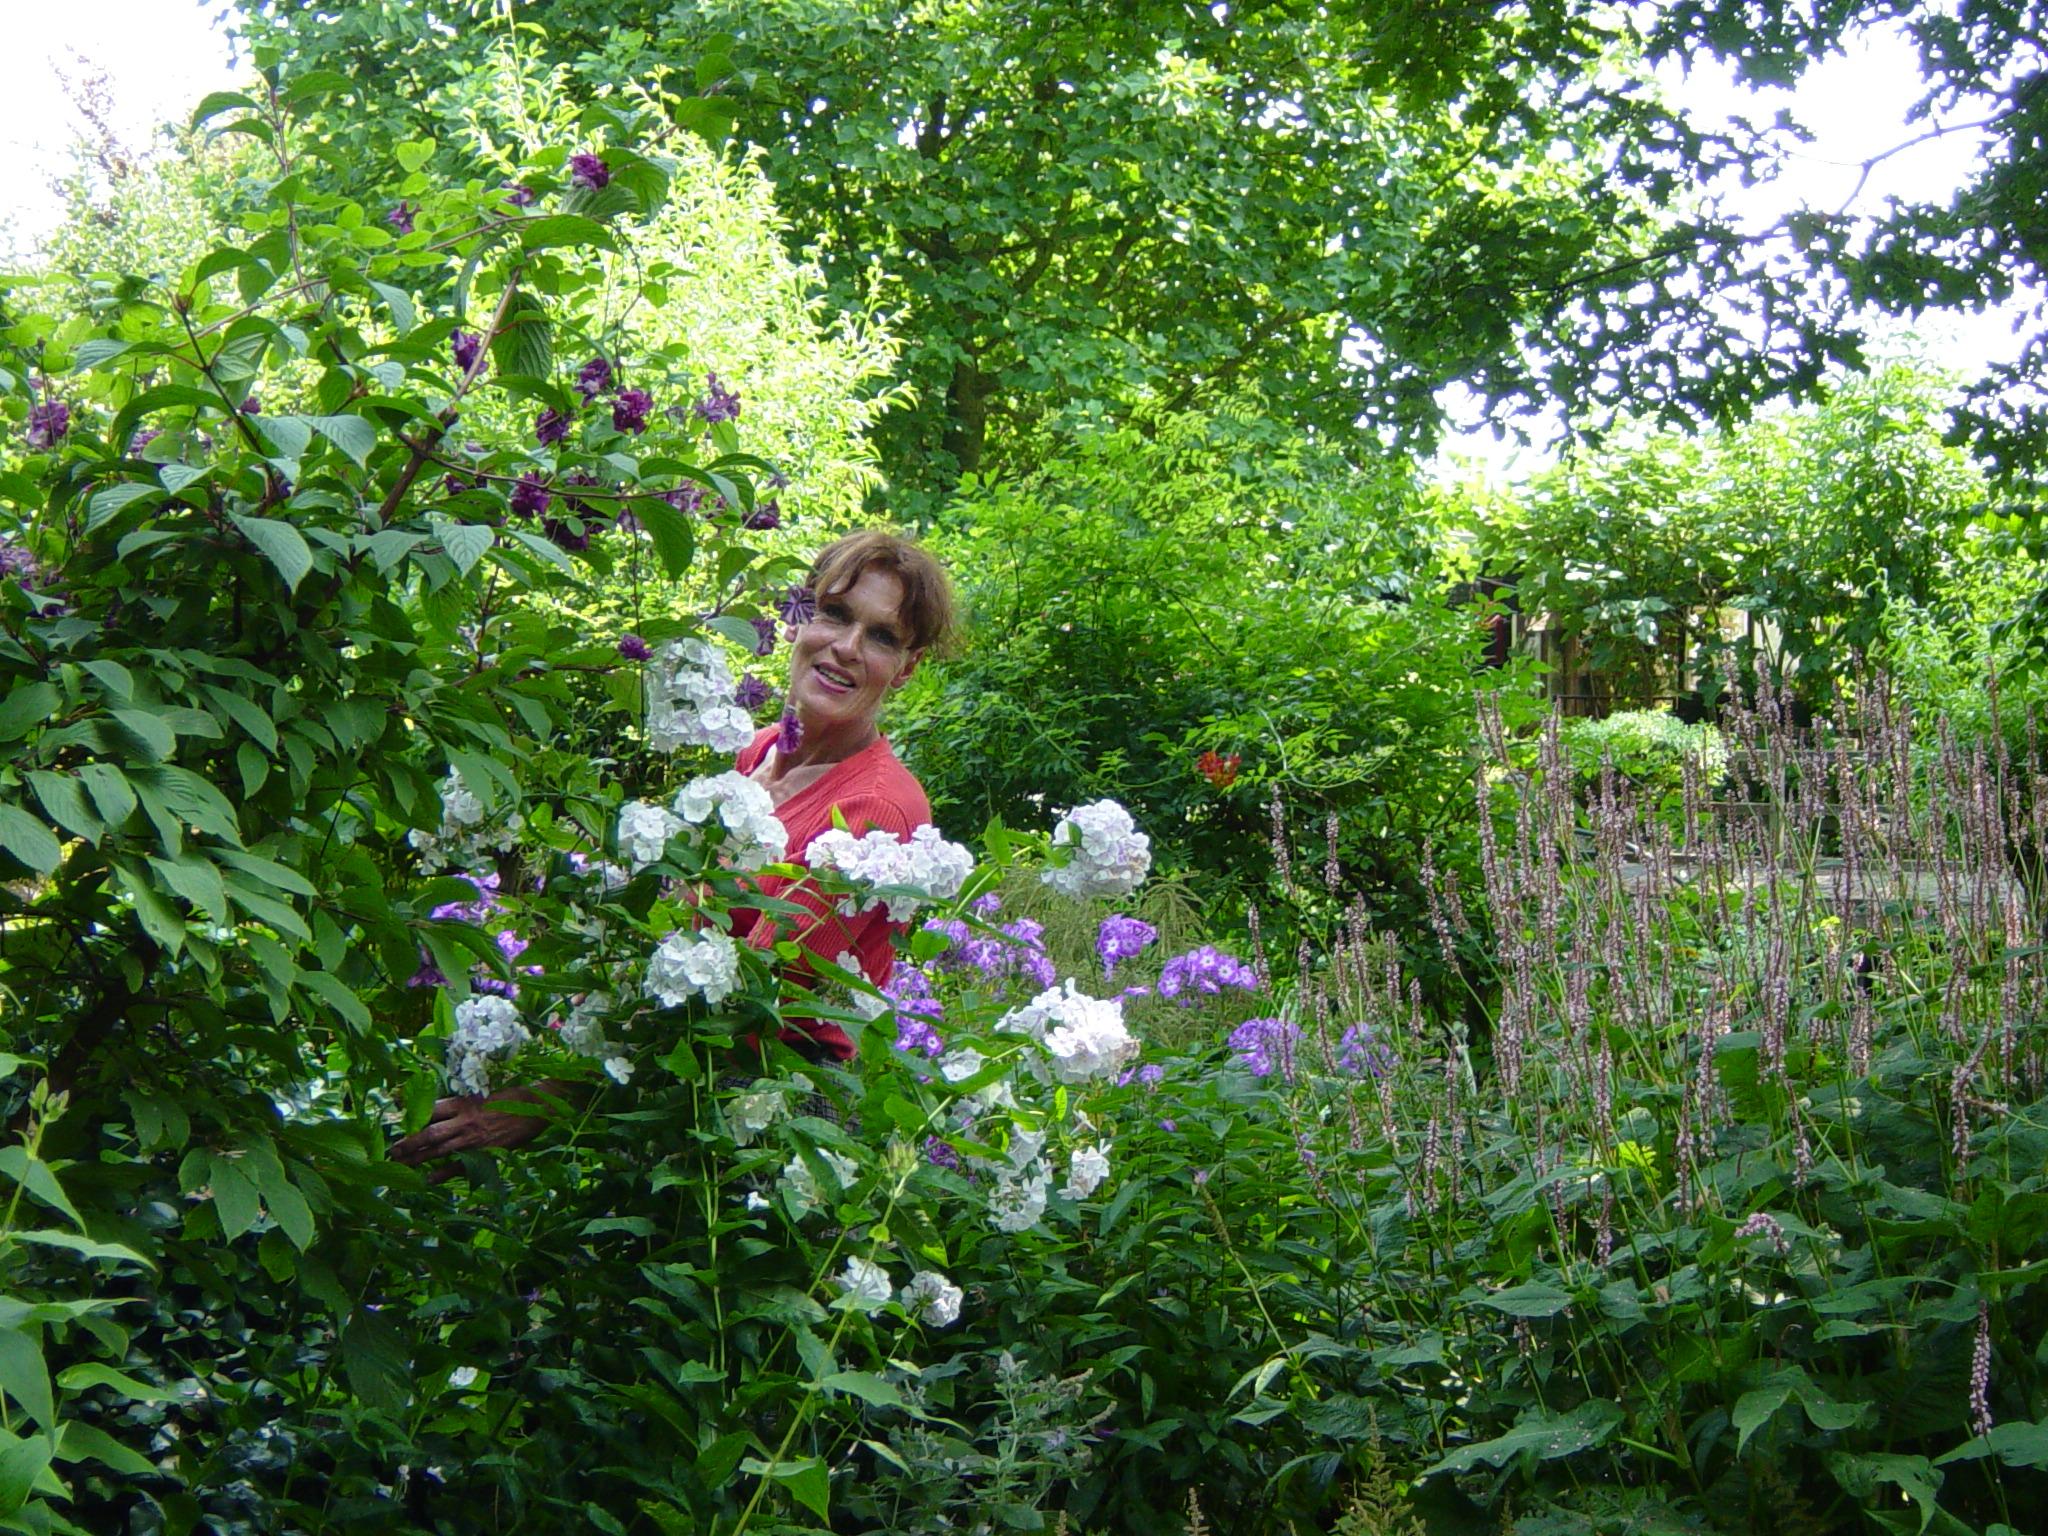 De tuin van de familie Meeuwis is dit weekend te bezoeken. (Foto: aangeleverd)